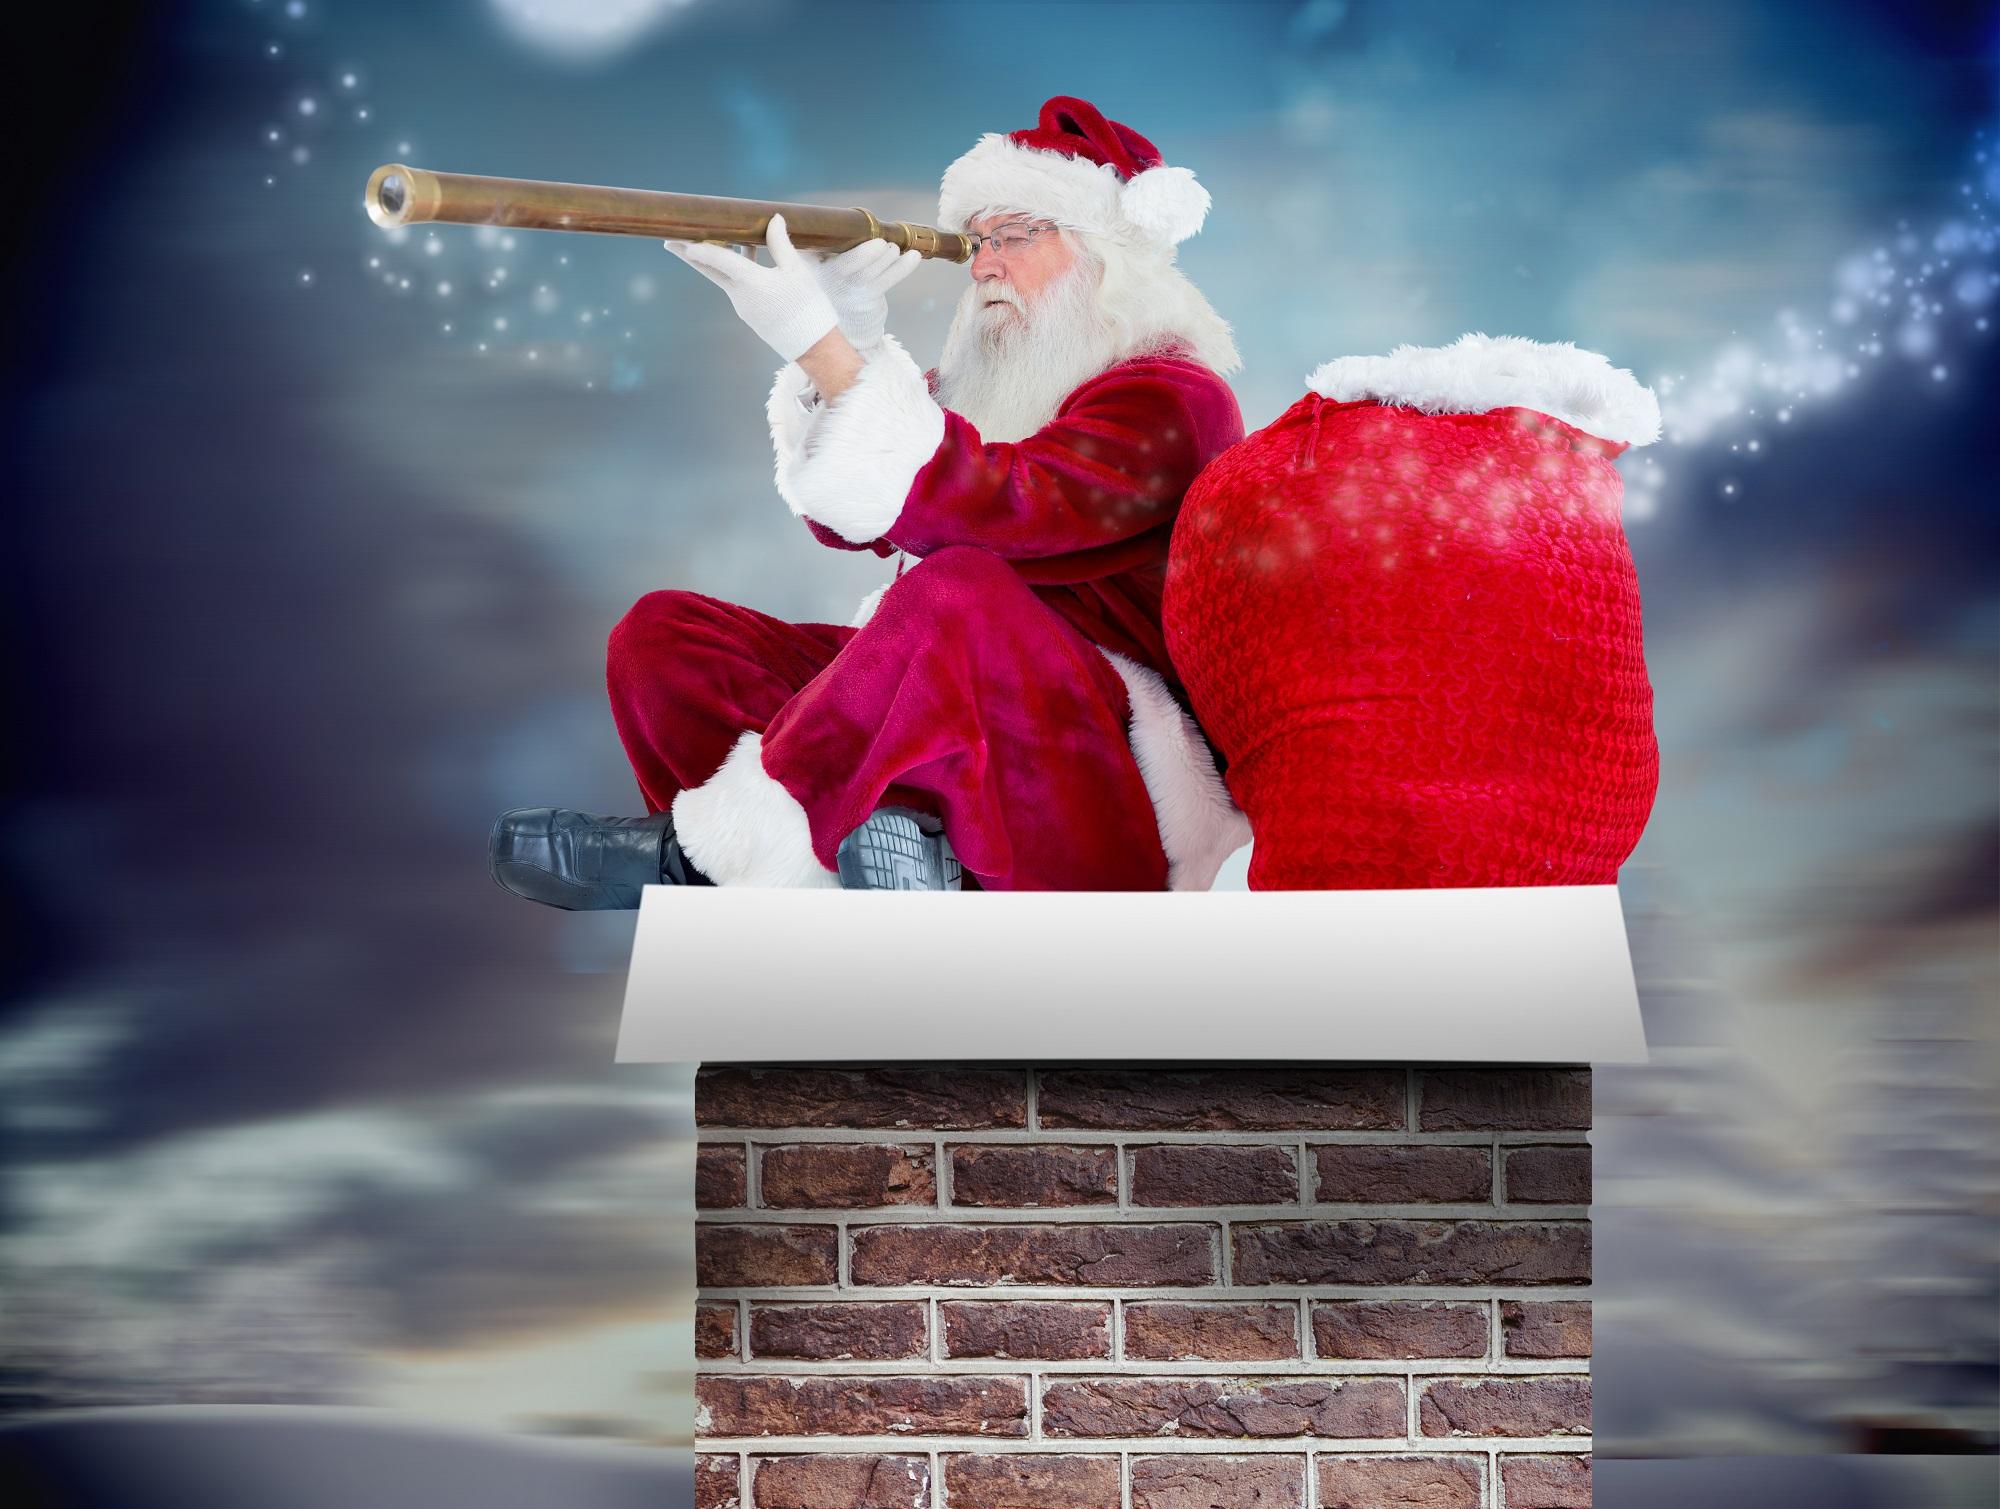 Отпуск в декабре. Куда поехать? Источник фото: Shutterstock